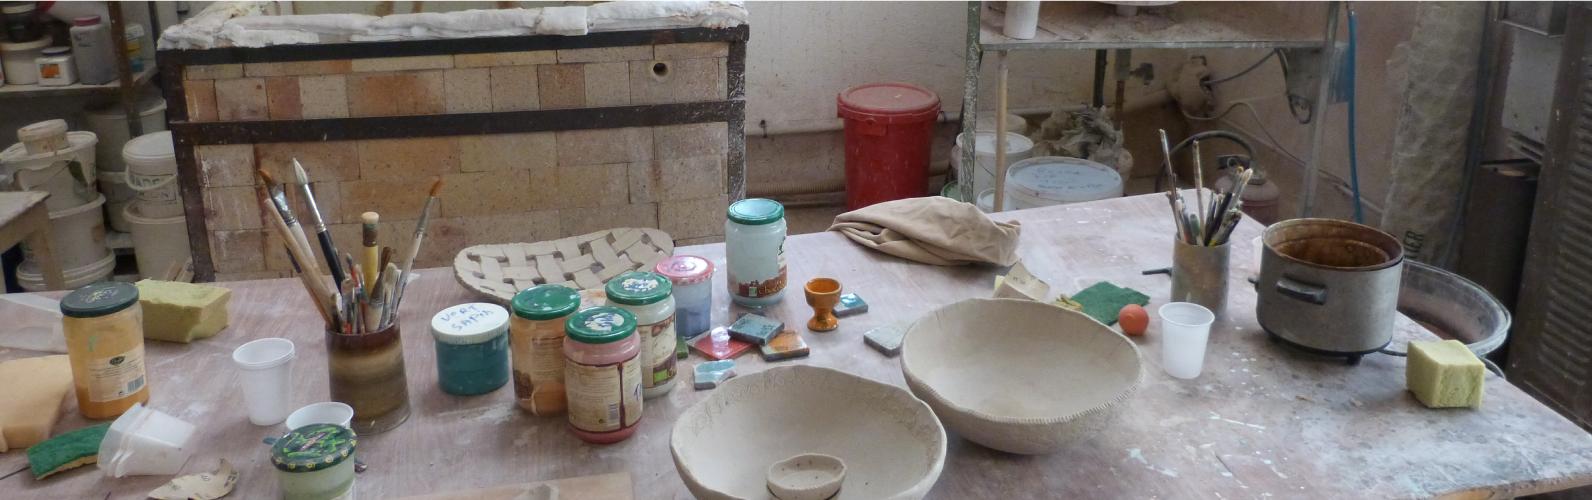 Ceramique-Slider